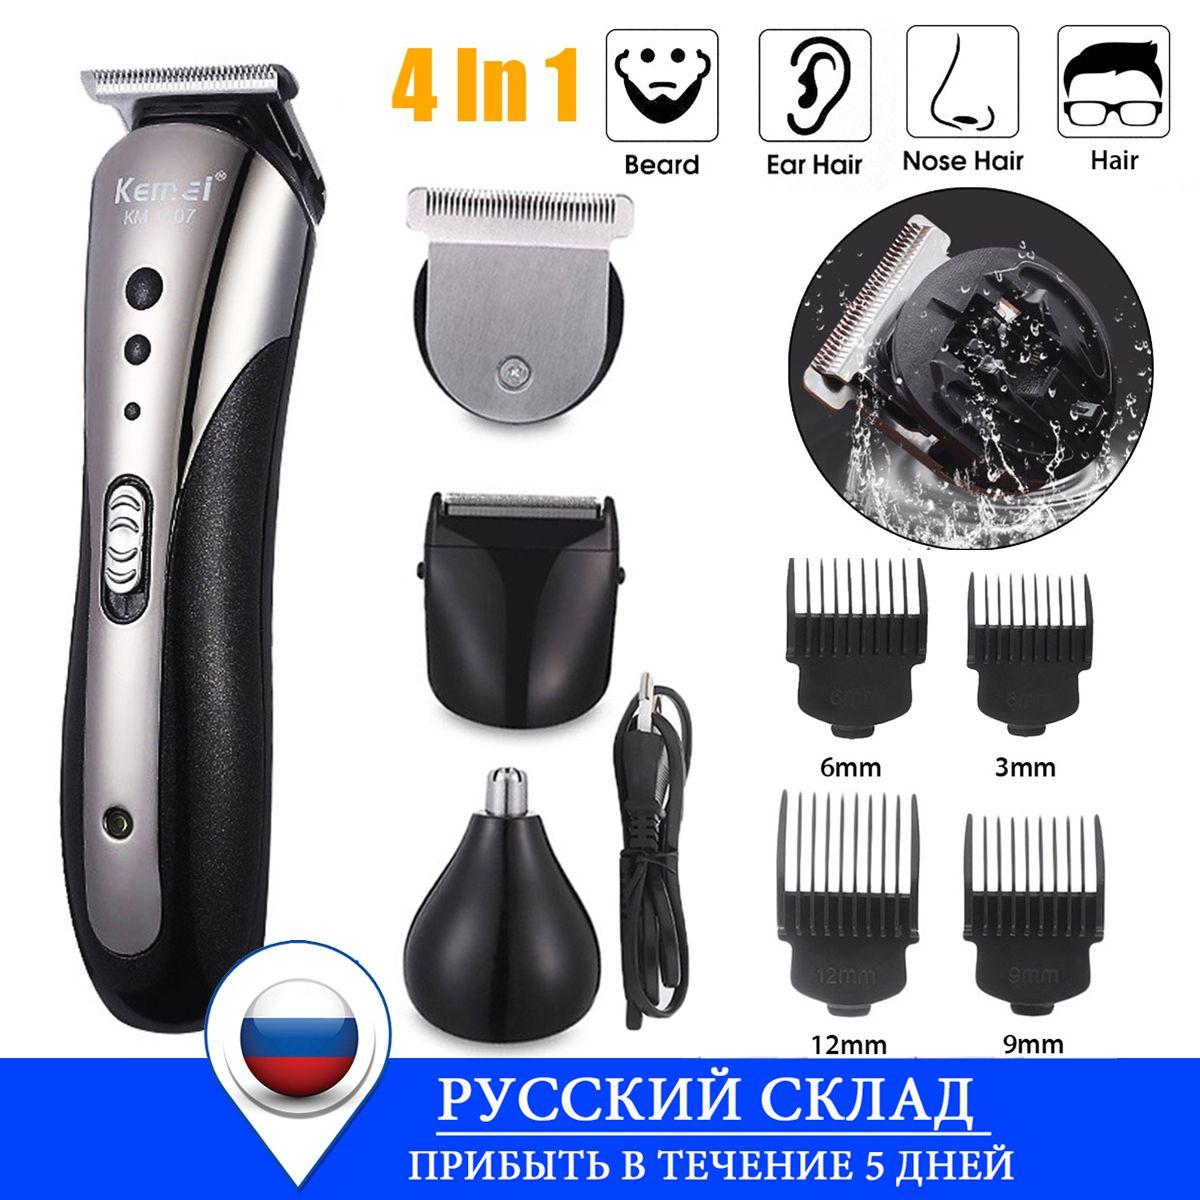 KEMEI toutes les in1 tondeuse à cheveux Rechargeable pour hommes étanche sans fil rasoir électrique barbe nez oreille rasoir outil tondeuse à cheveux